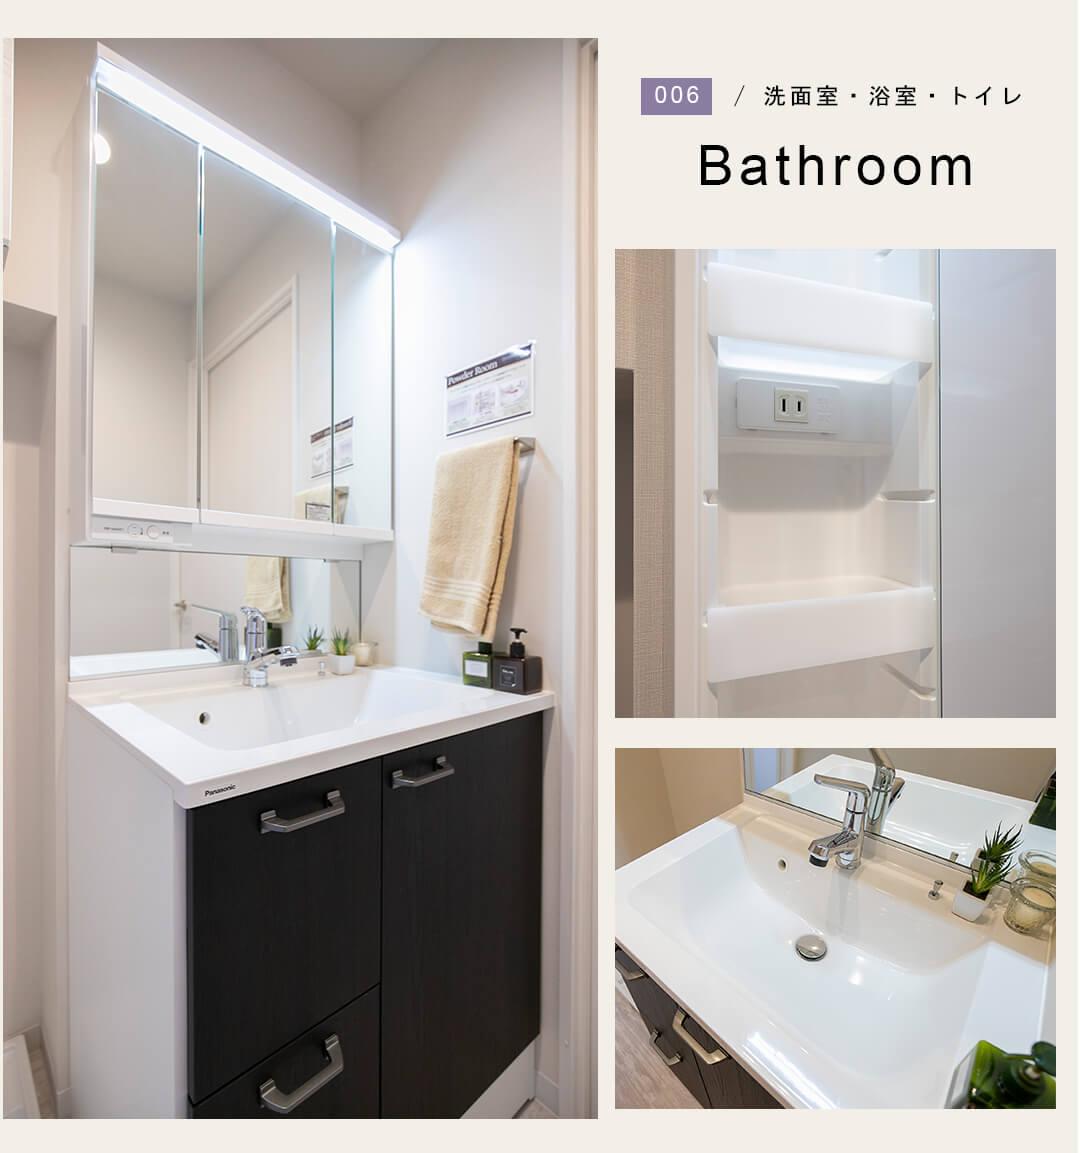 四谷軒第5経堂シティコーポの洗面室